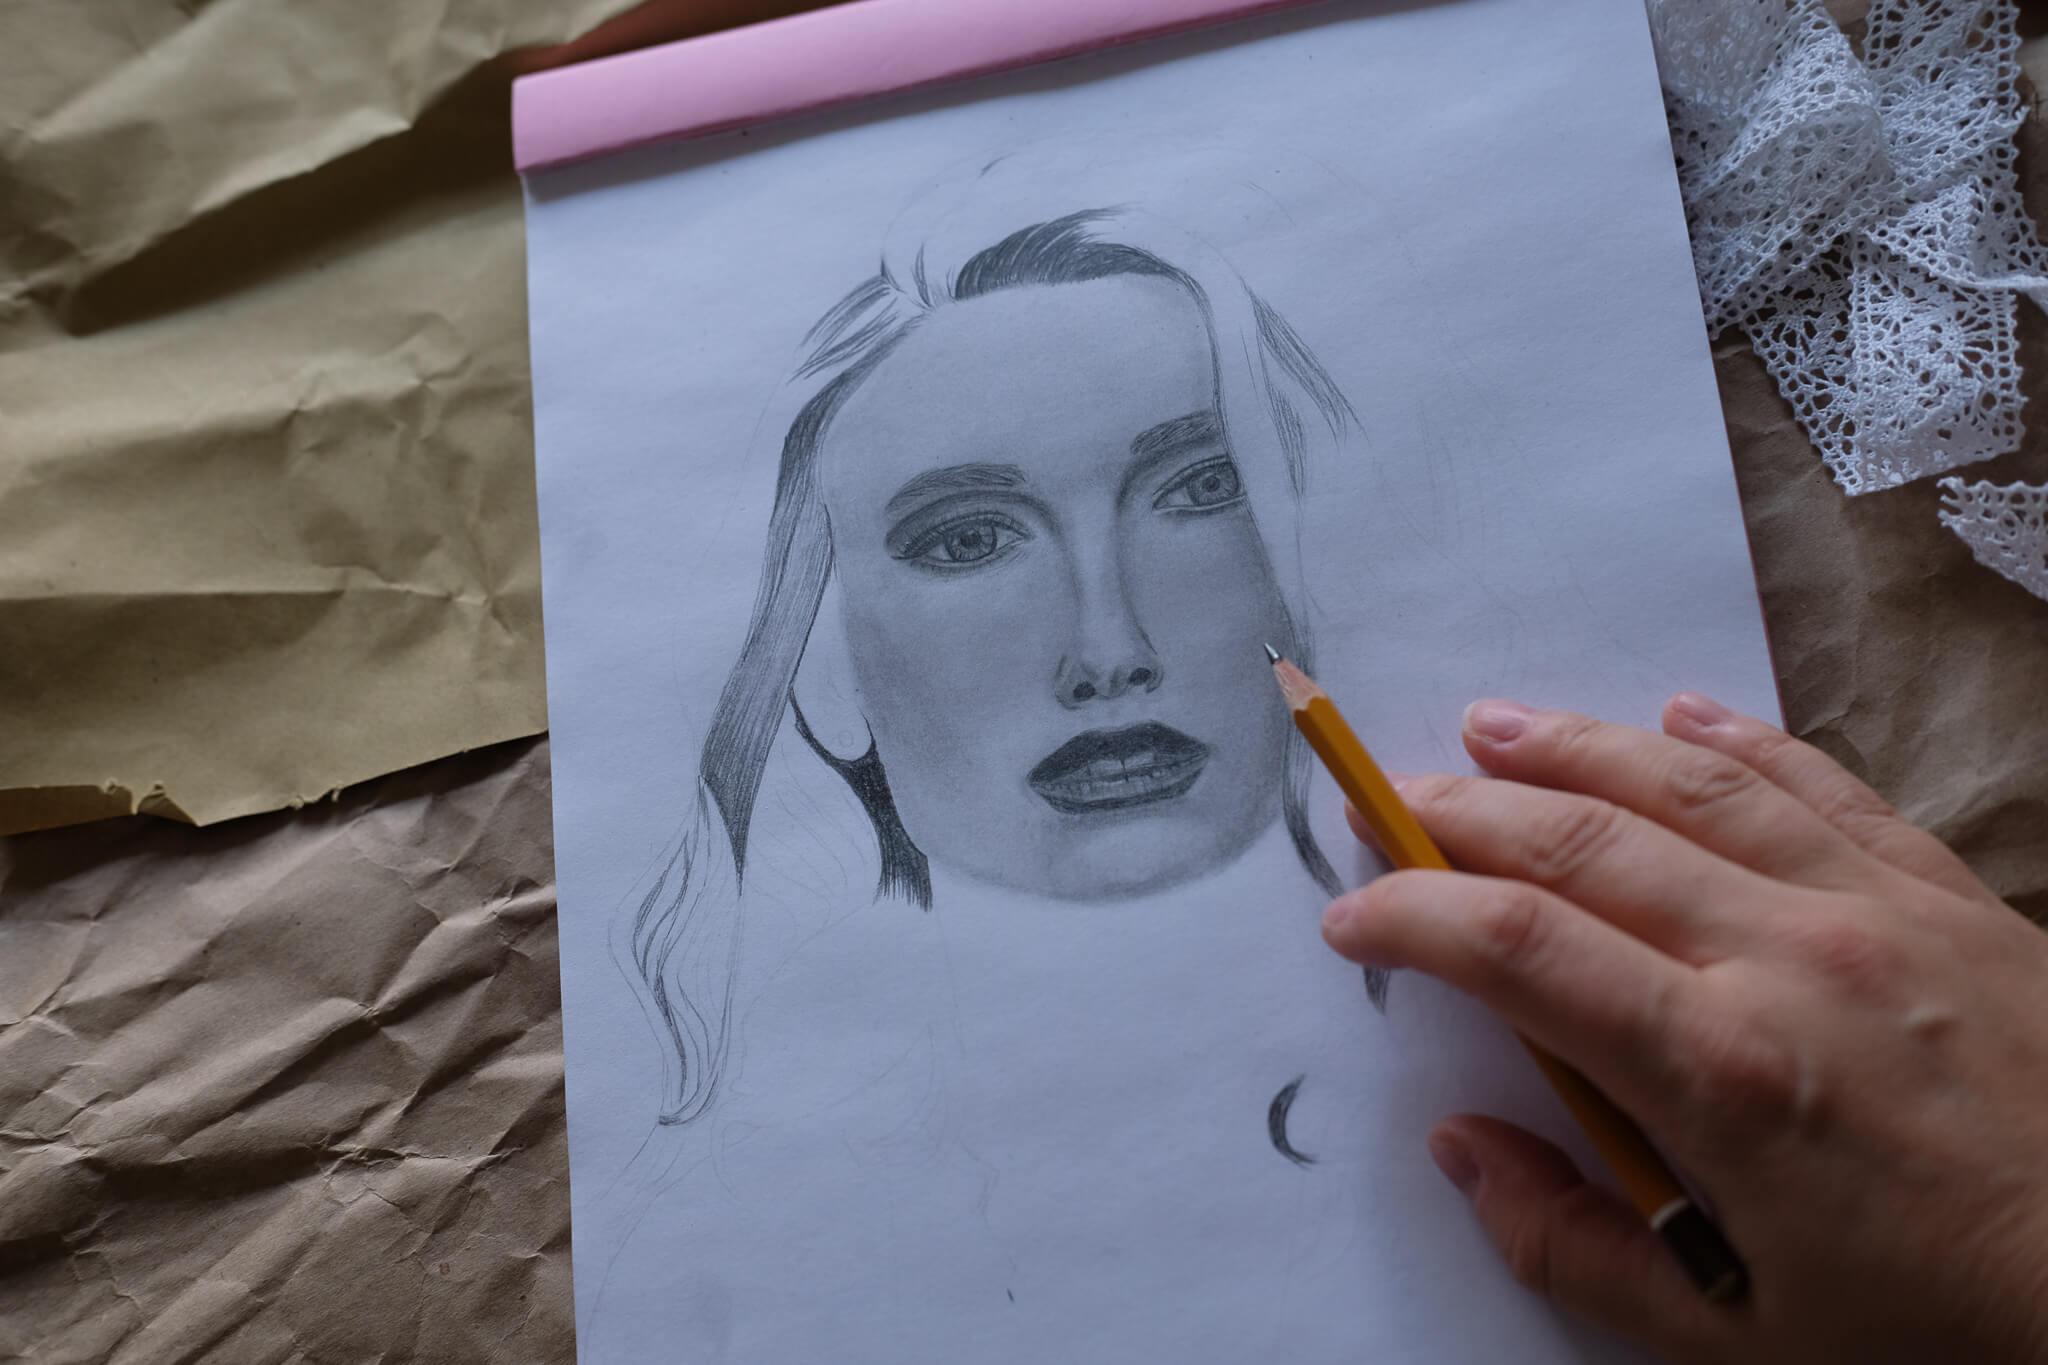 Realistisch Zeichnen Lernen Wie Zeichne Ich